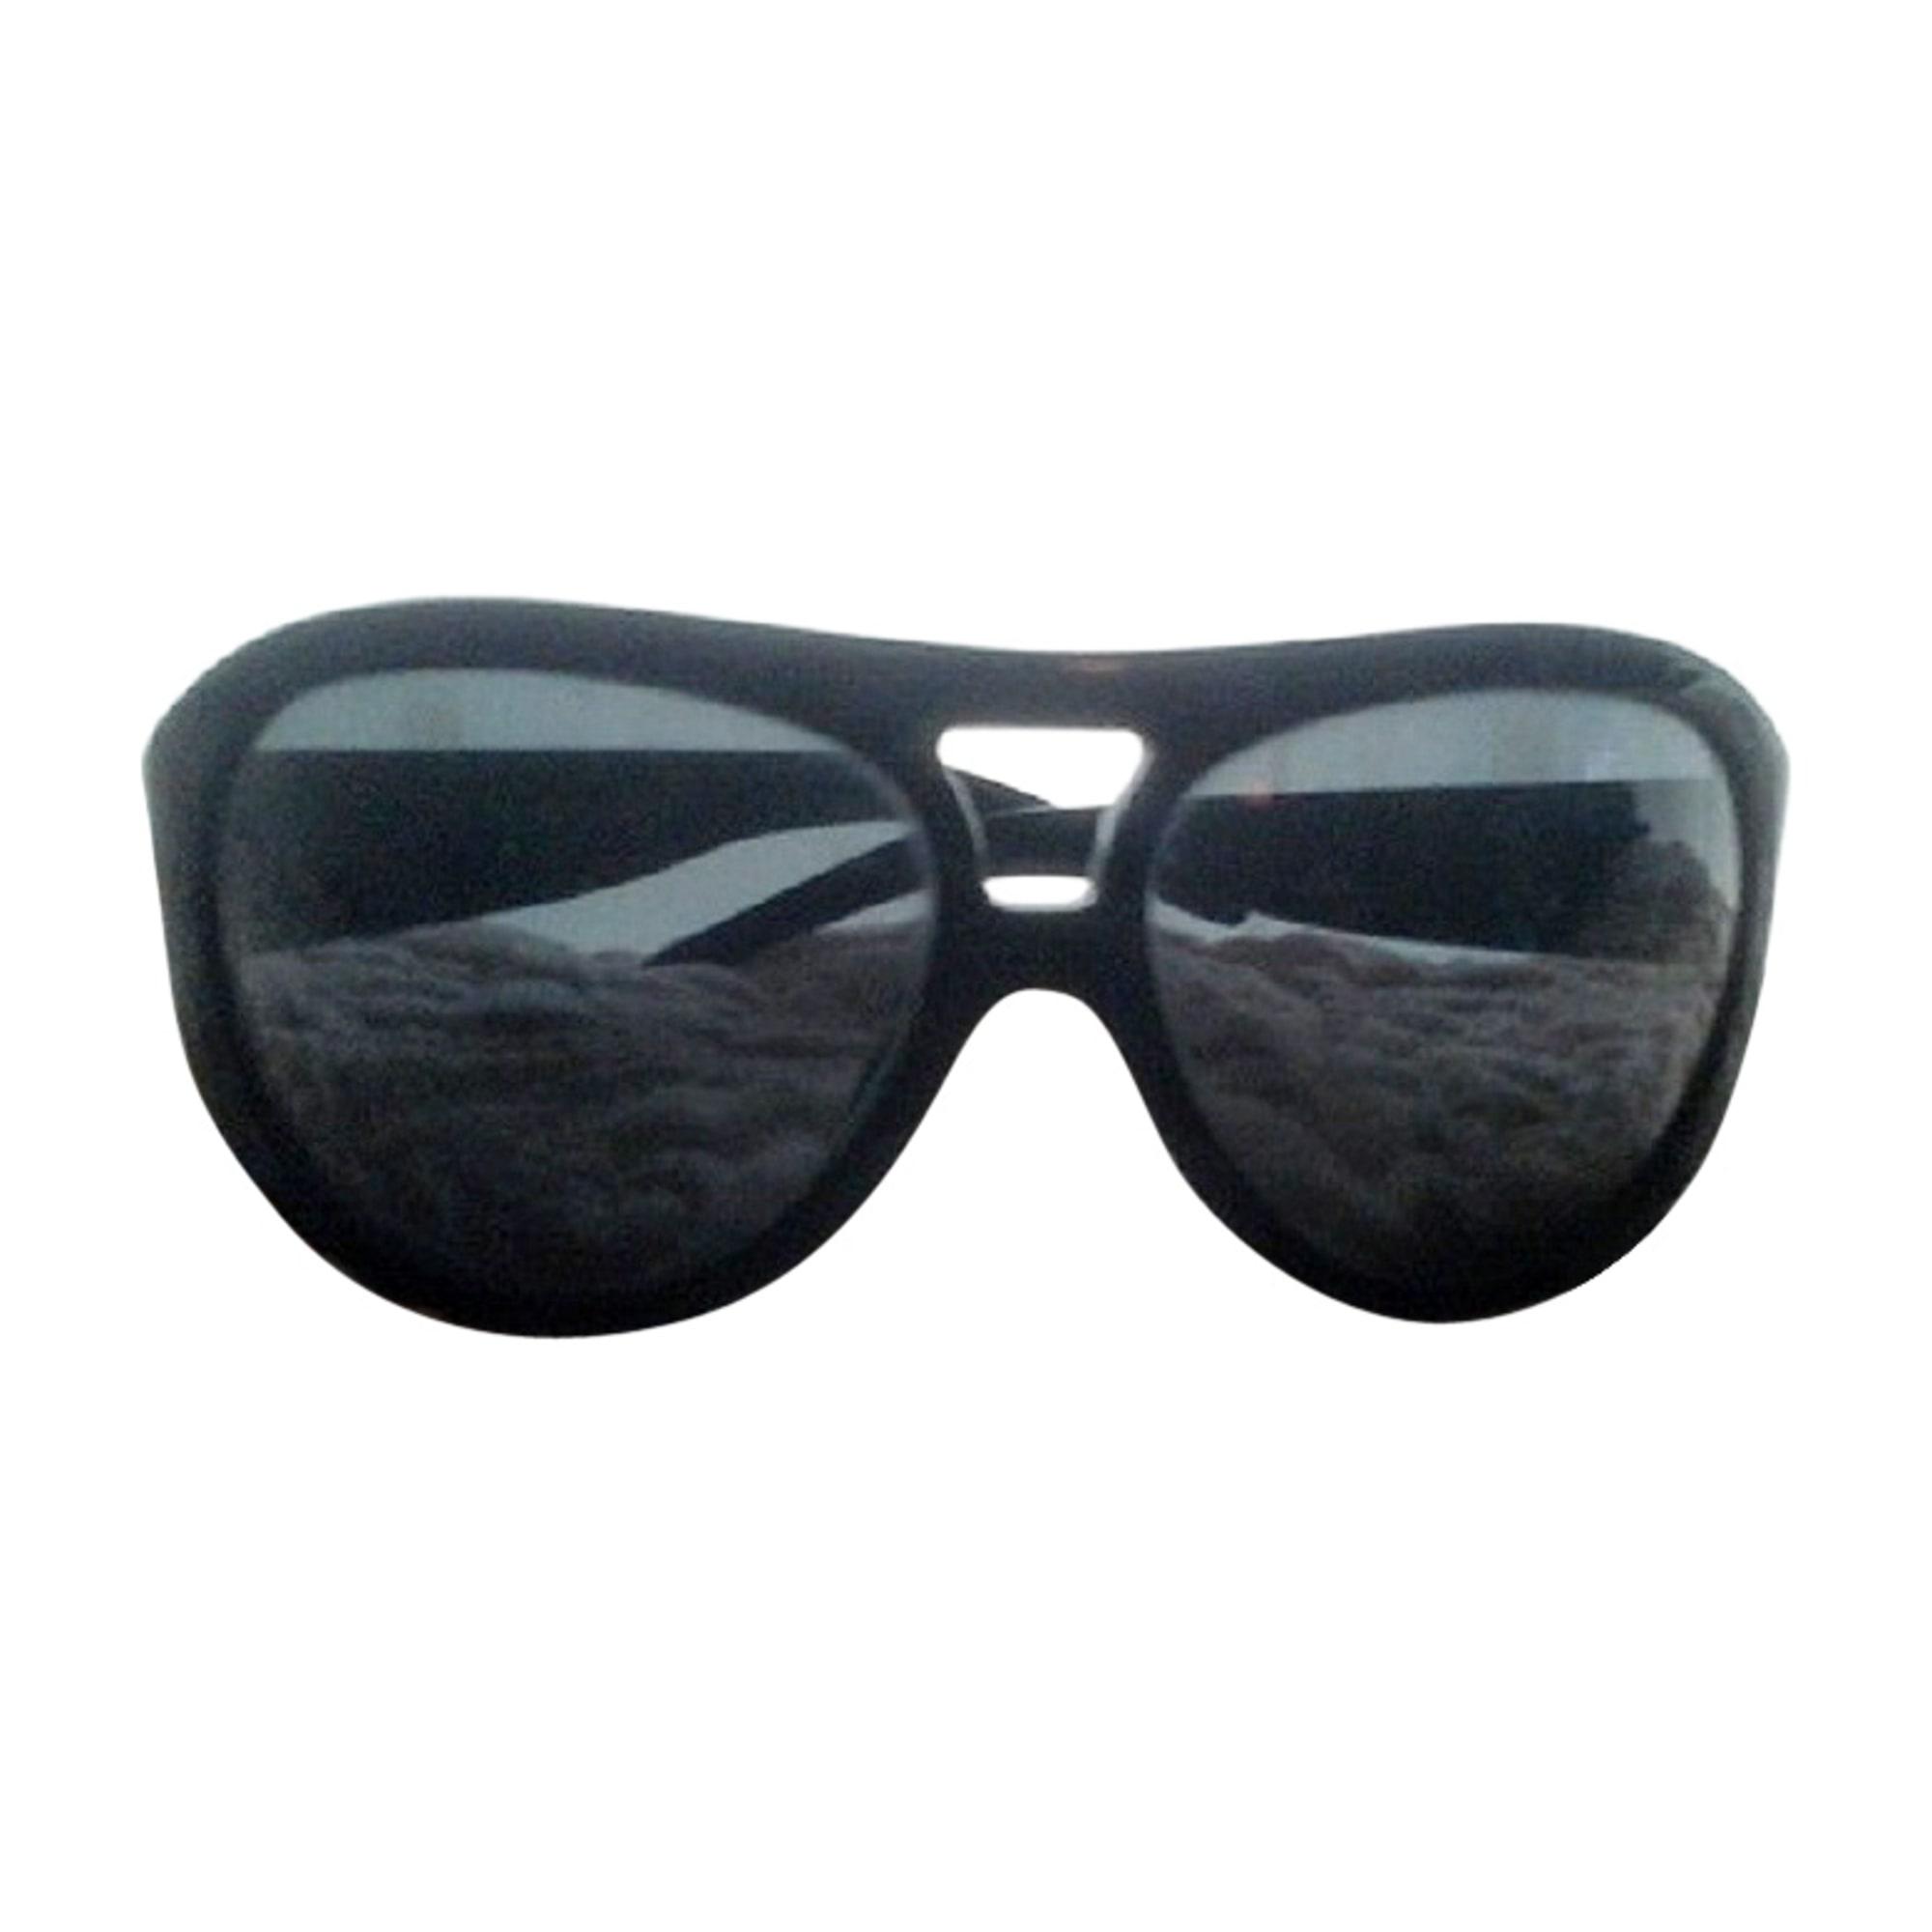 eb5ac5750fb7a3 Lunettes de soleil CERRUTI 1881 noir vendu par Sherlock39872 - 6264438